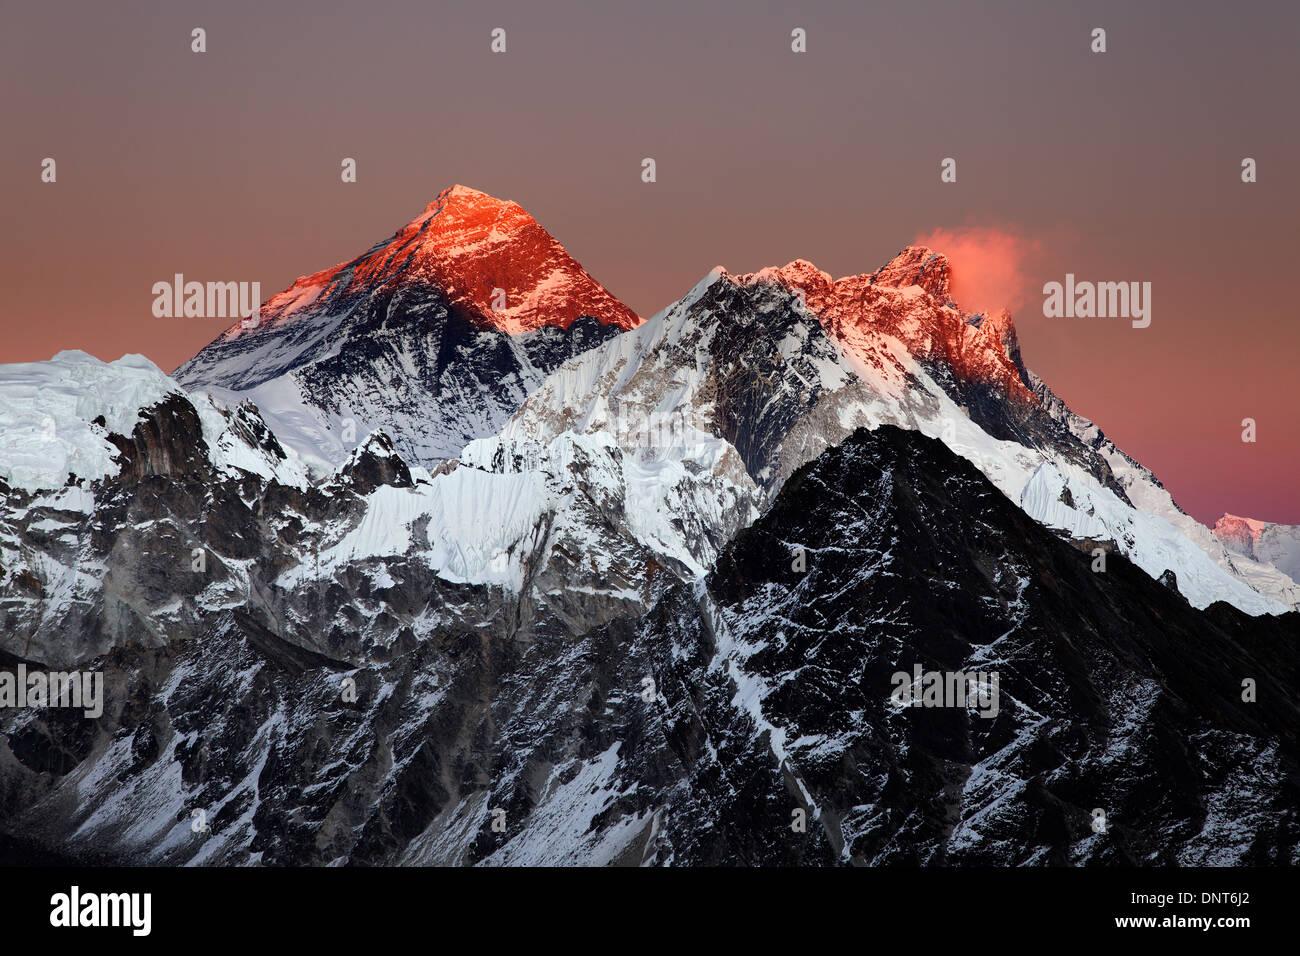 Mount Everest, Nuptse and Lhotse viewed at sunset from Gokyo Ri, Nepal Himalaya Stock Photo